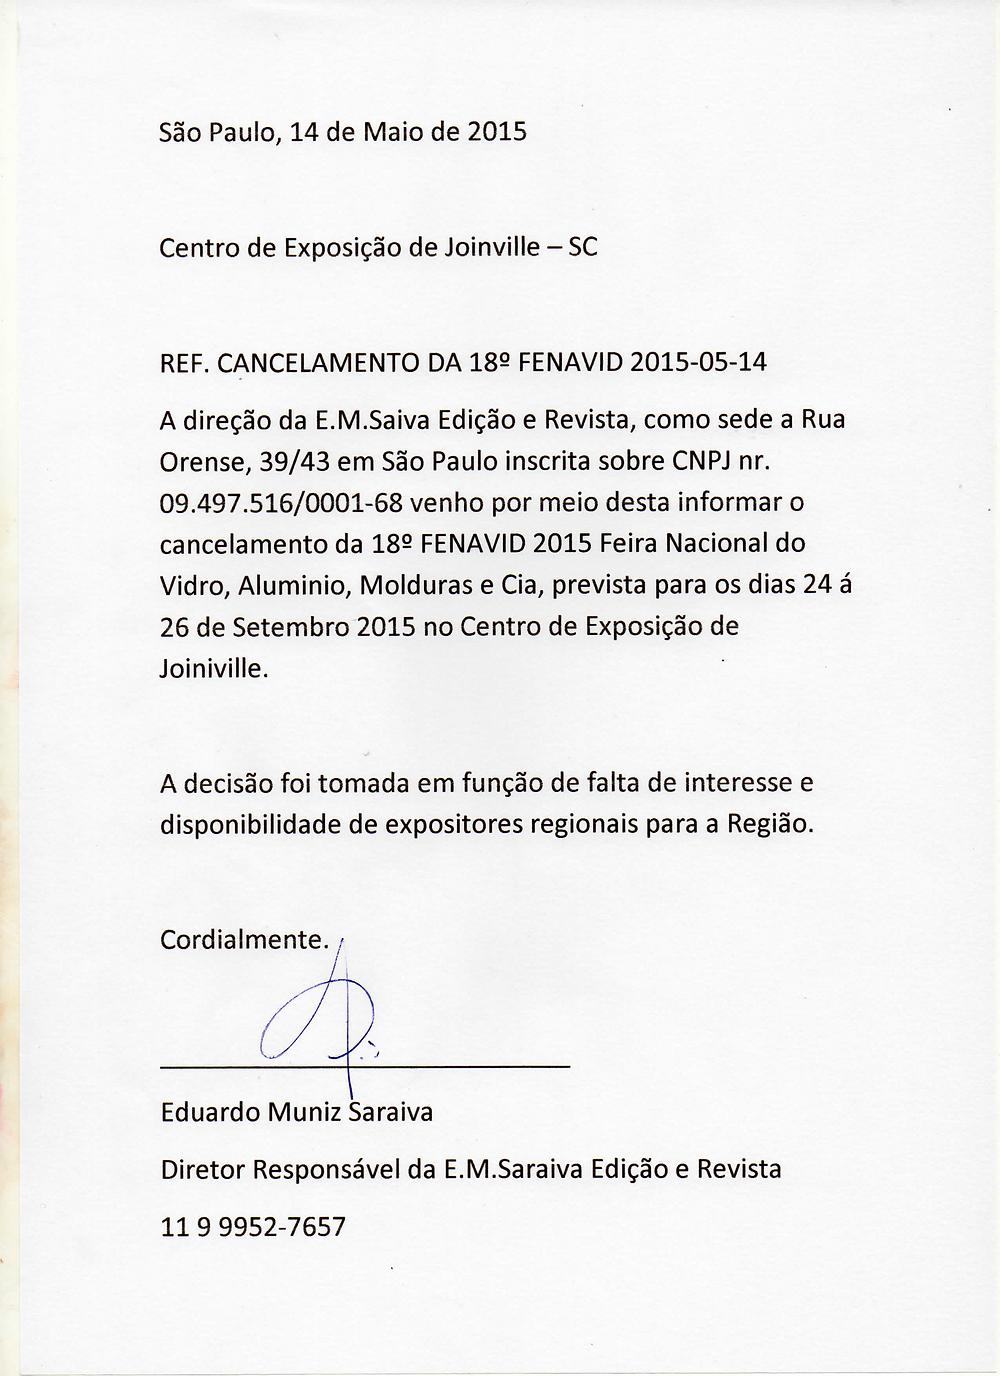 Comunicado de cancelamento da 18ª FENAVID